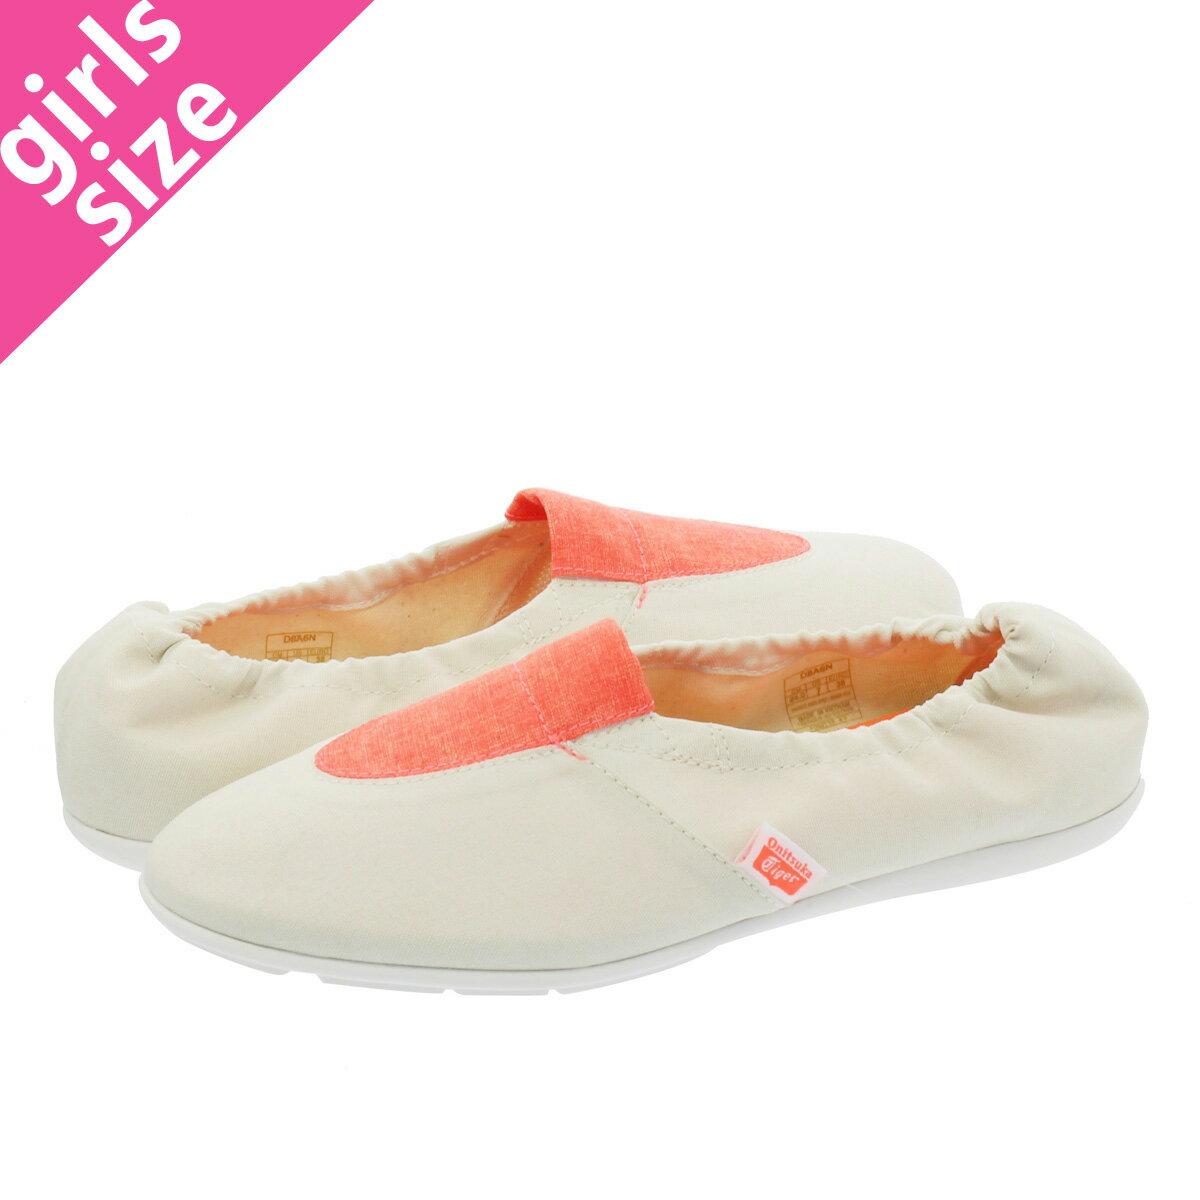 レディース靴, スニーカー  Onitsuka Tiger GYMNASTICS VAPOROUS GREYFLASH CORAL